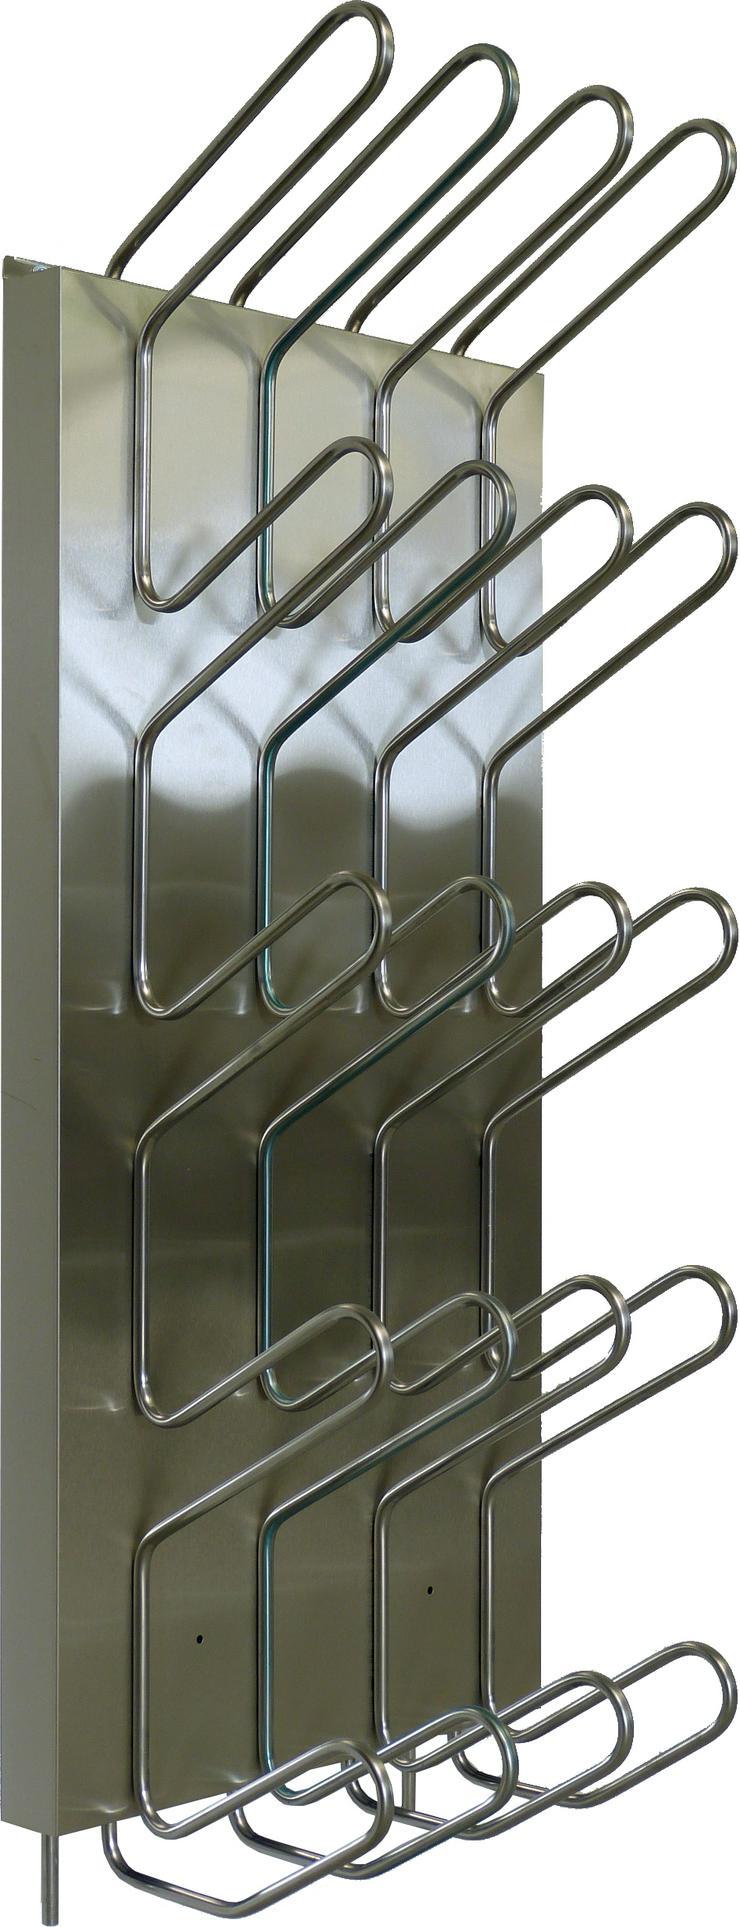 Bild 3: Stiefeltrockner Warmwasser für 20 Paar